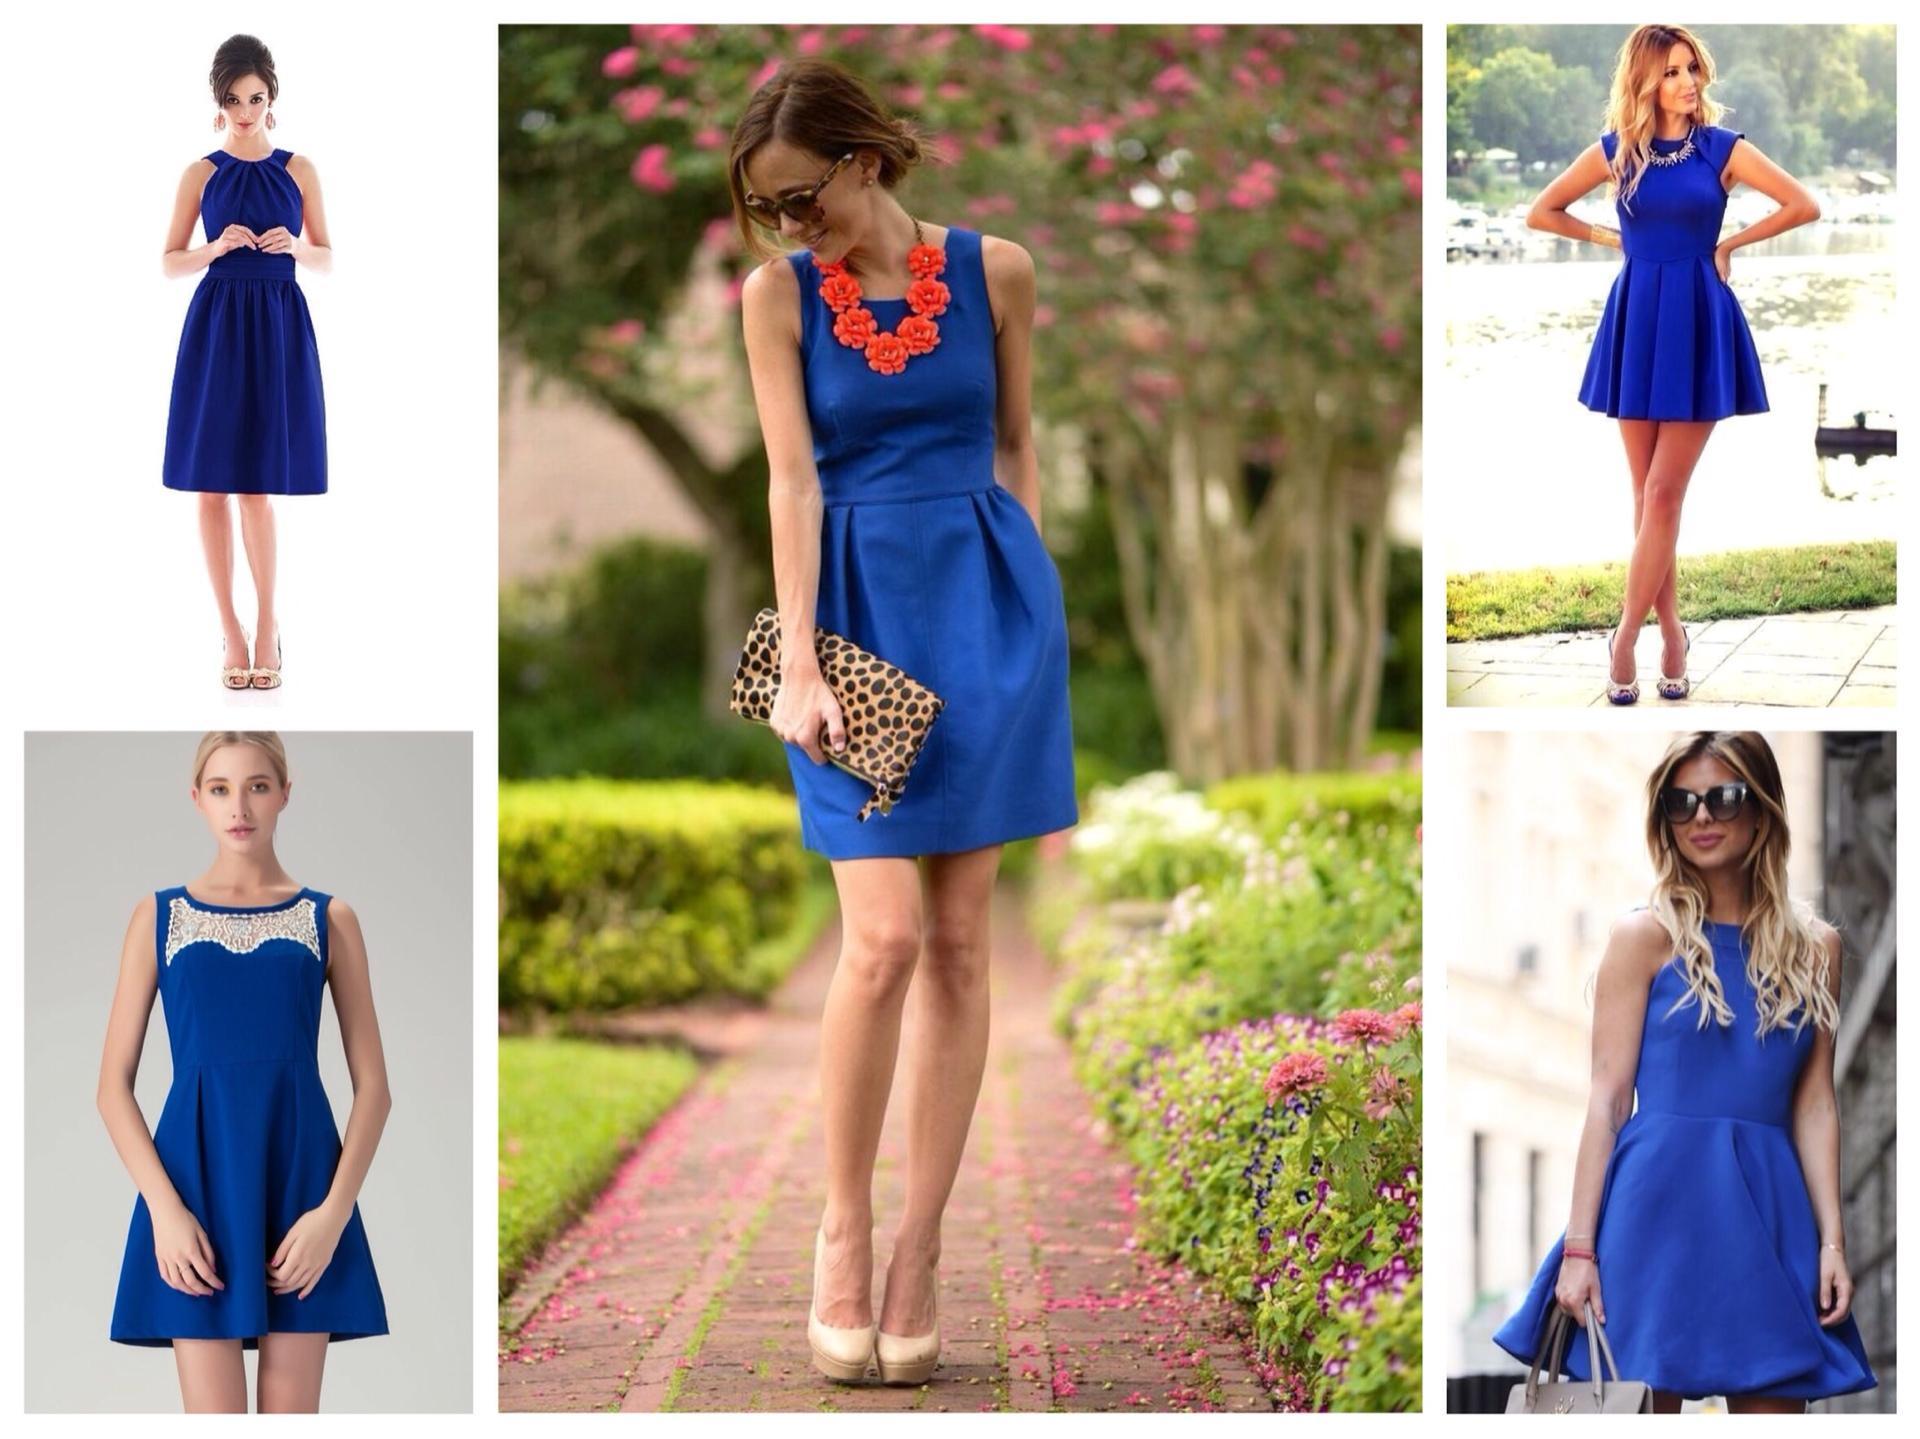 что носить с синим платьем фото попадание